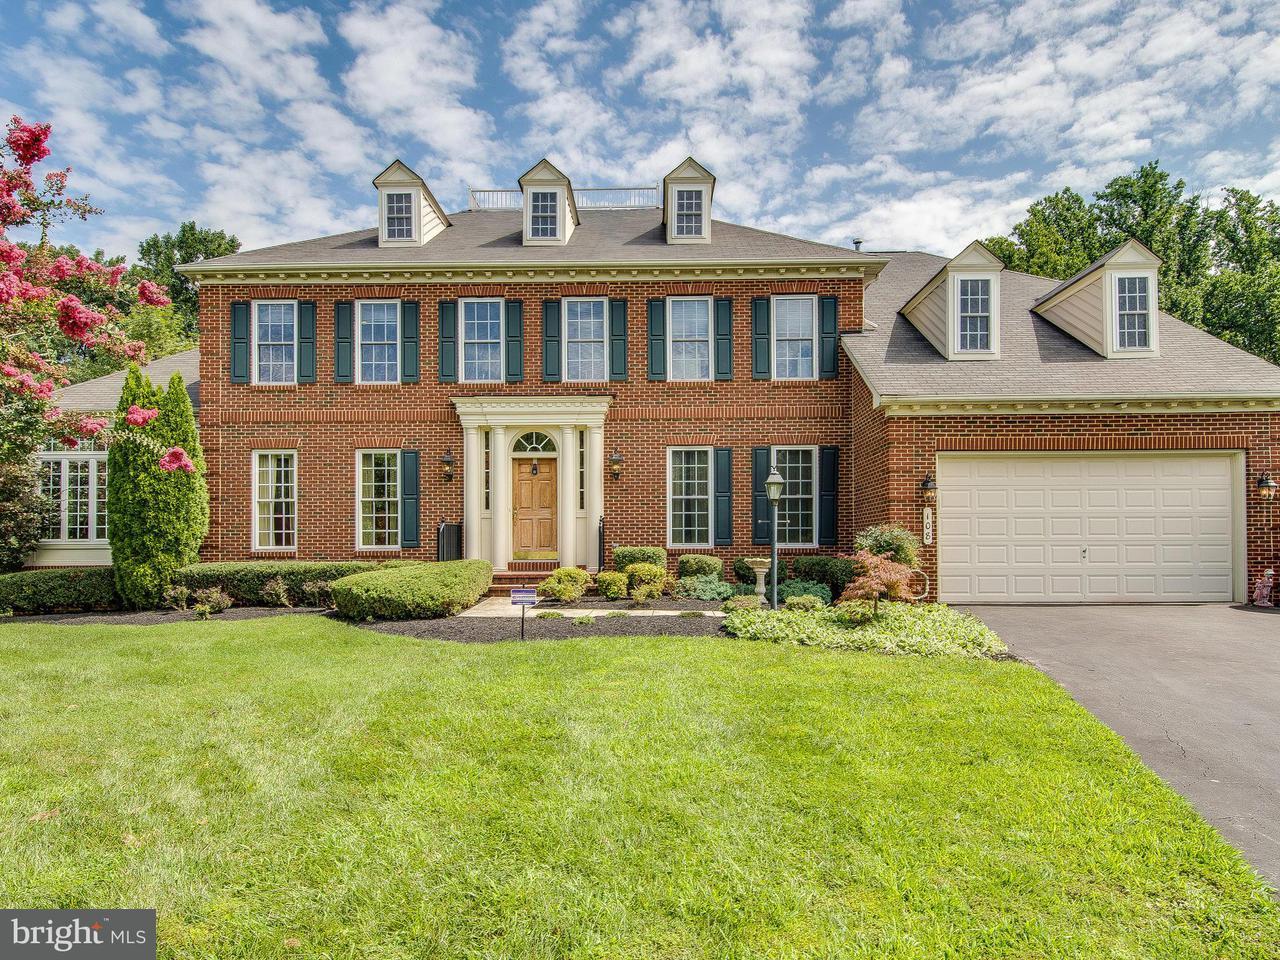 Einfamilienhaus für Verkauf beim 108 ASHTON KNOLLS Lane 108 ASHTON KNOLLS Lane Ashton, Maryland 20861 Vereinigte Staaten